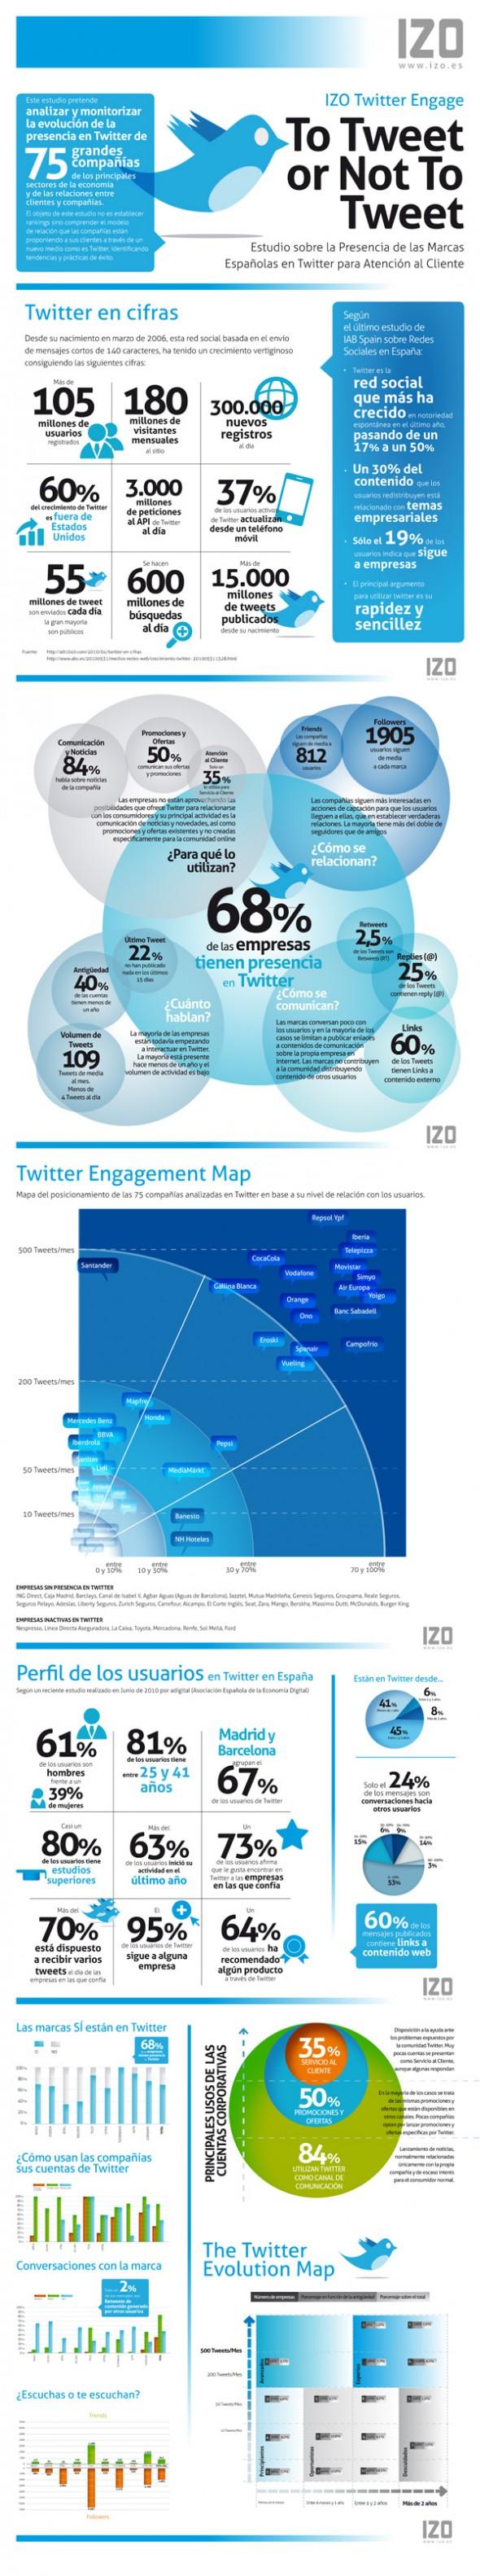 izo twitter engage 2011